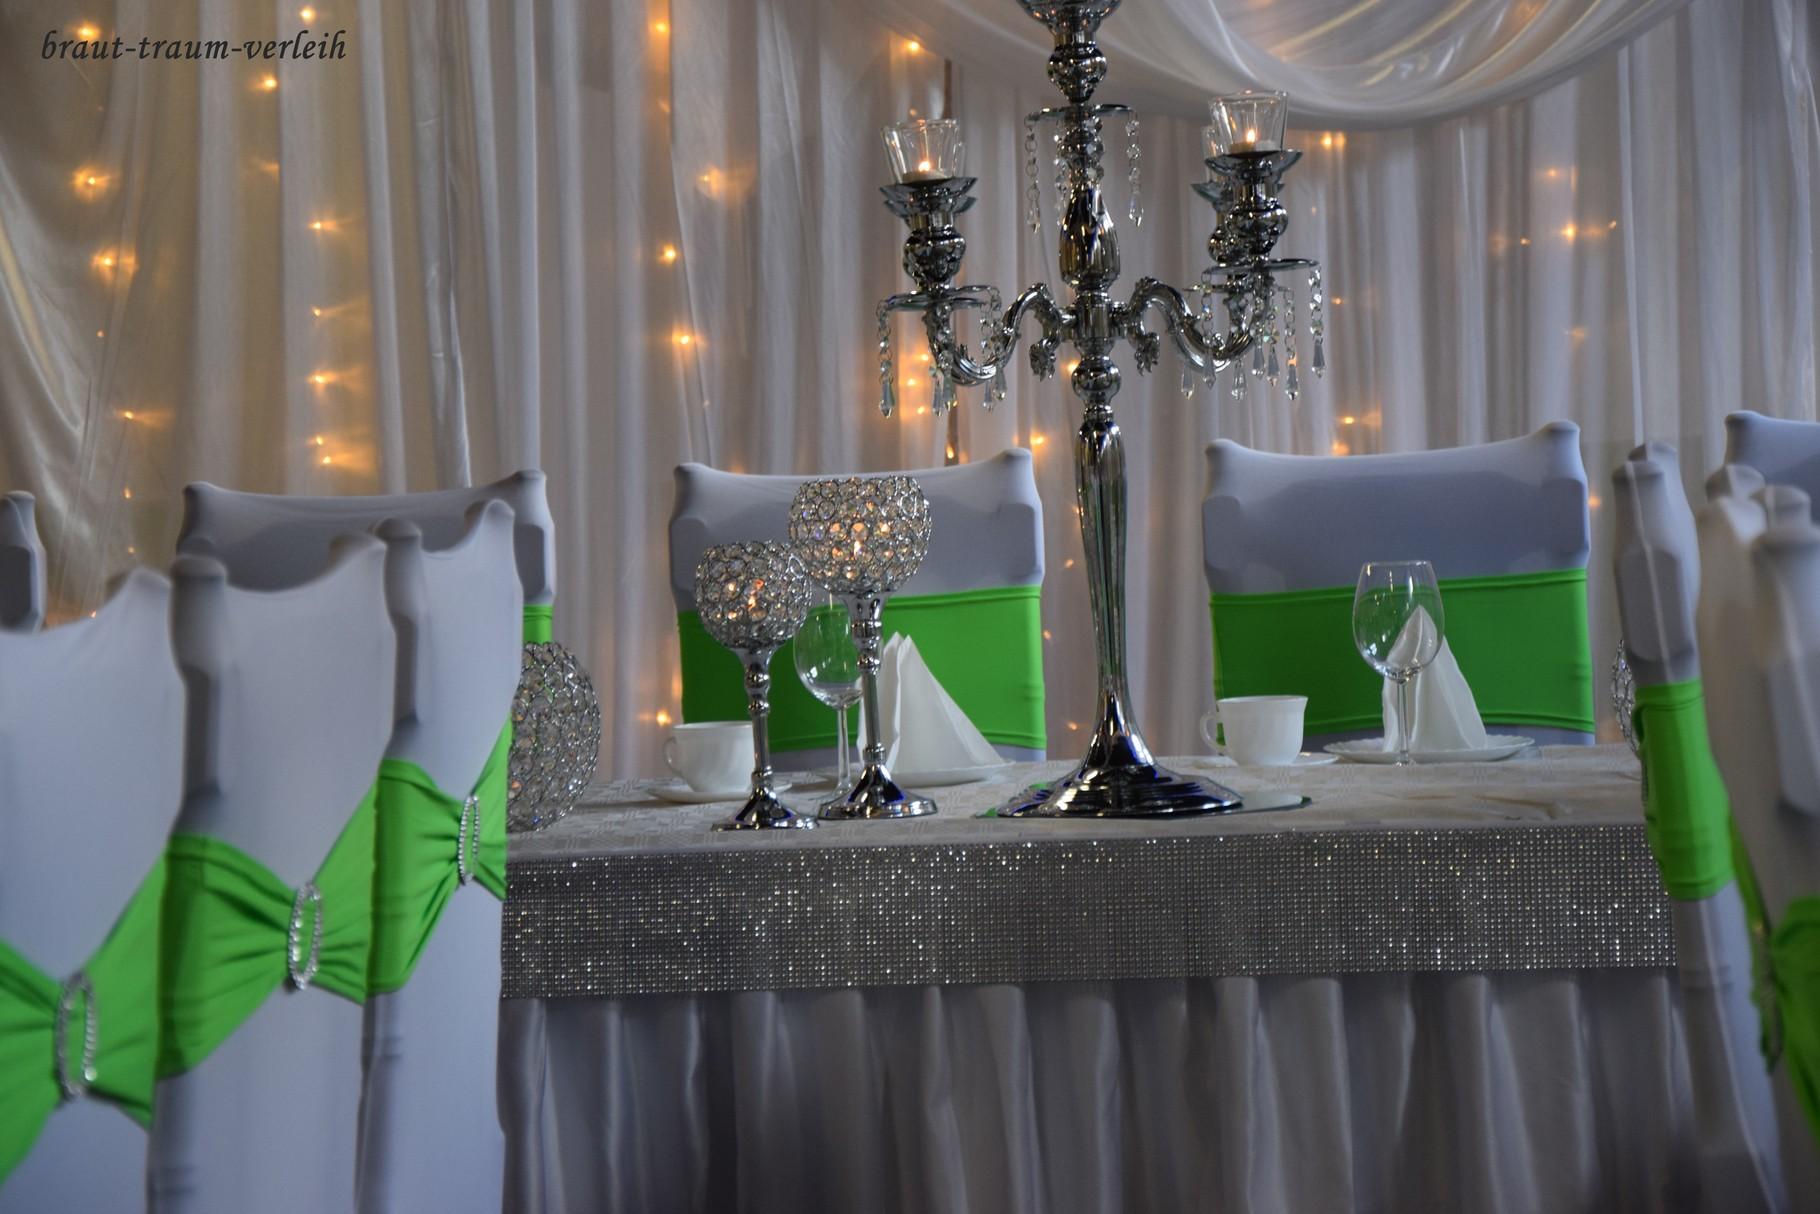 miete tischleuchter silber vermietung stuhlhussen mieten dekoration hochzeitsdekoration. Black Bedroom Furniture Sets. Home Design Ideas